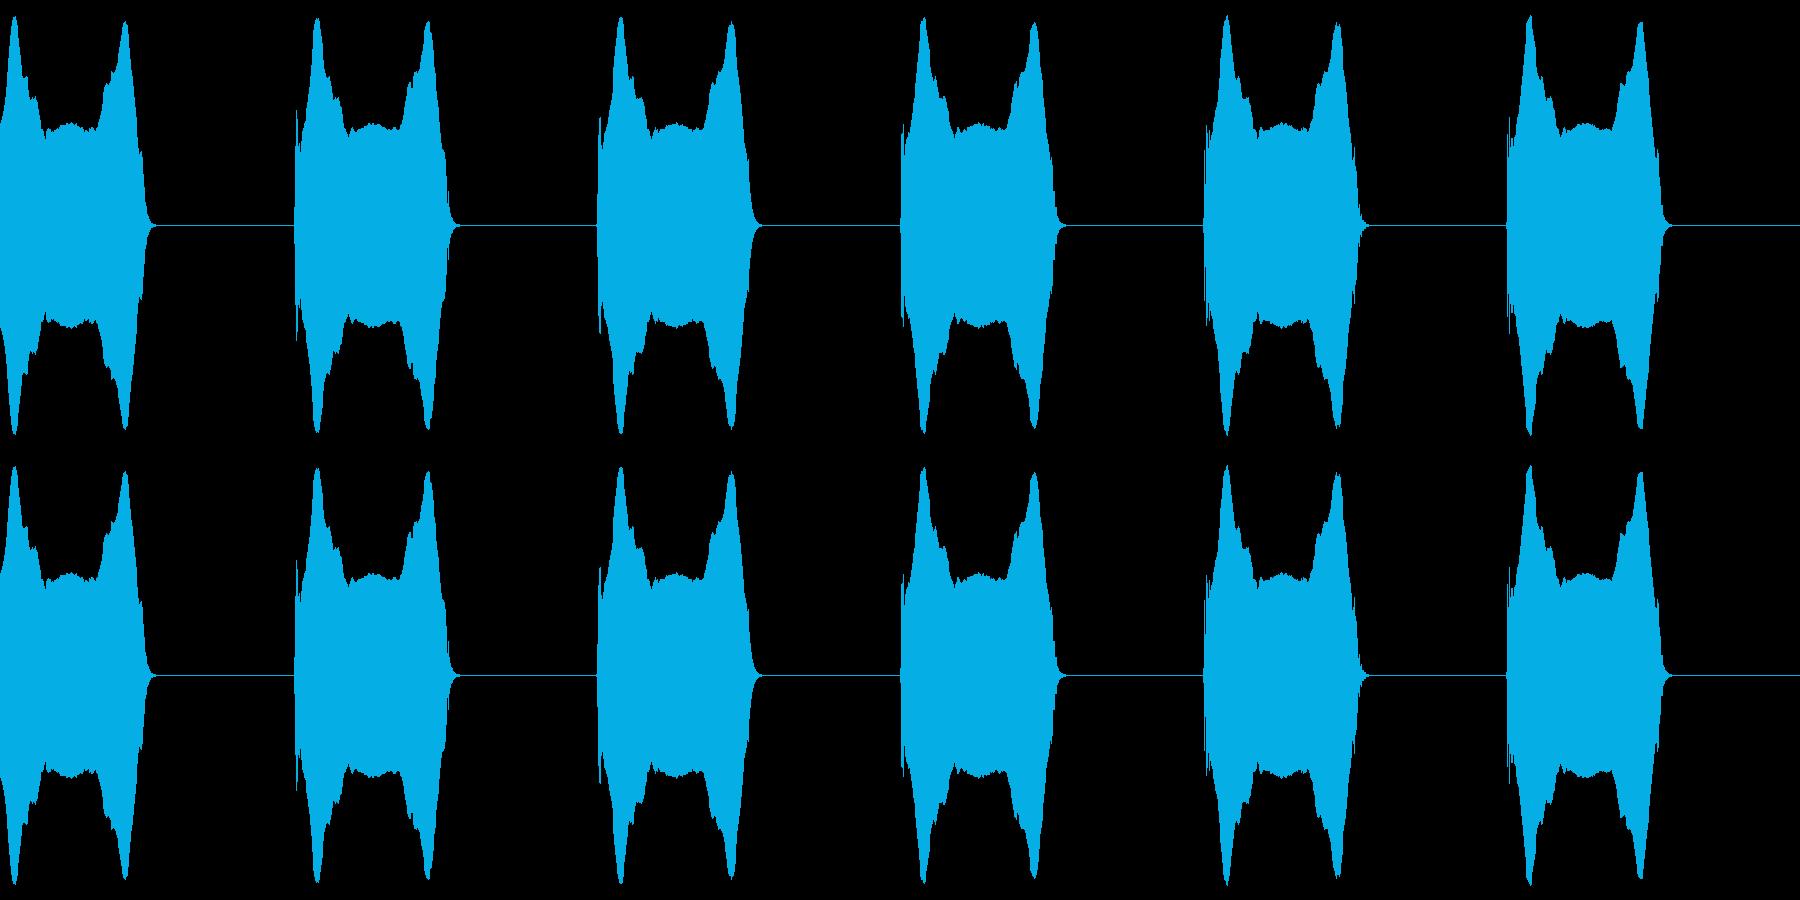 「ウーウーウーウー(サイレン)」の再生済みの波形